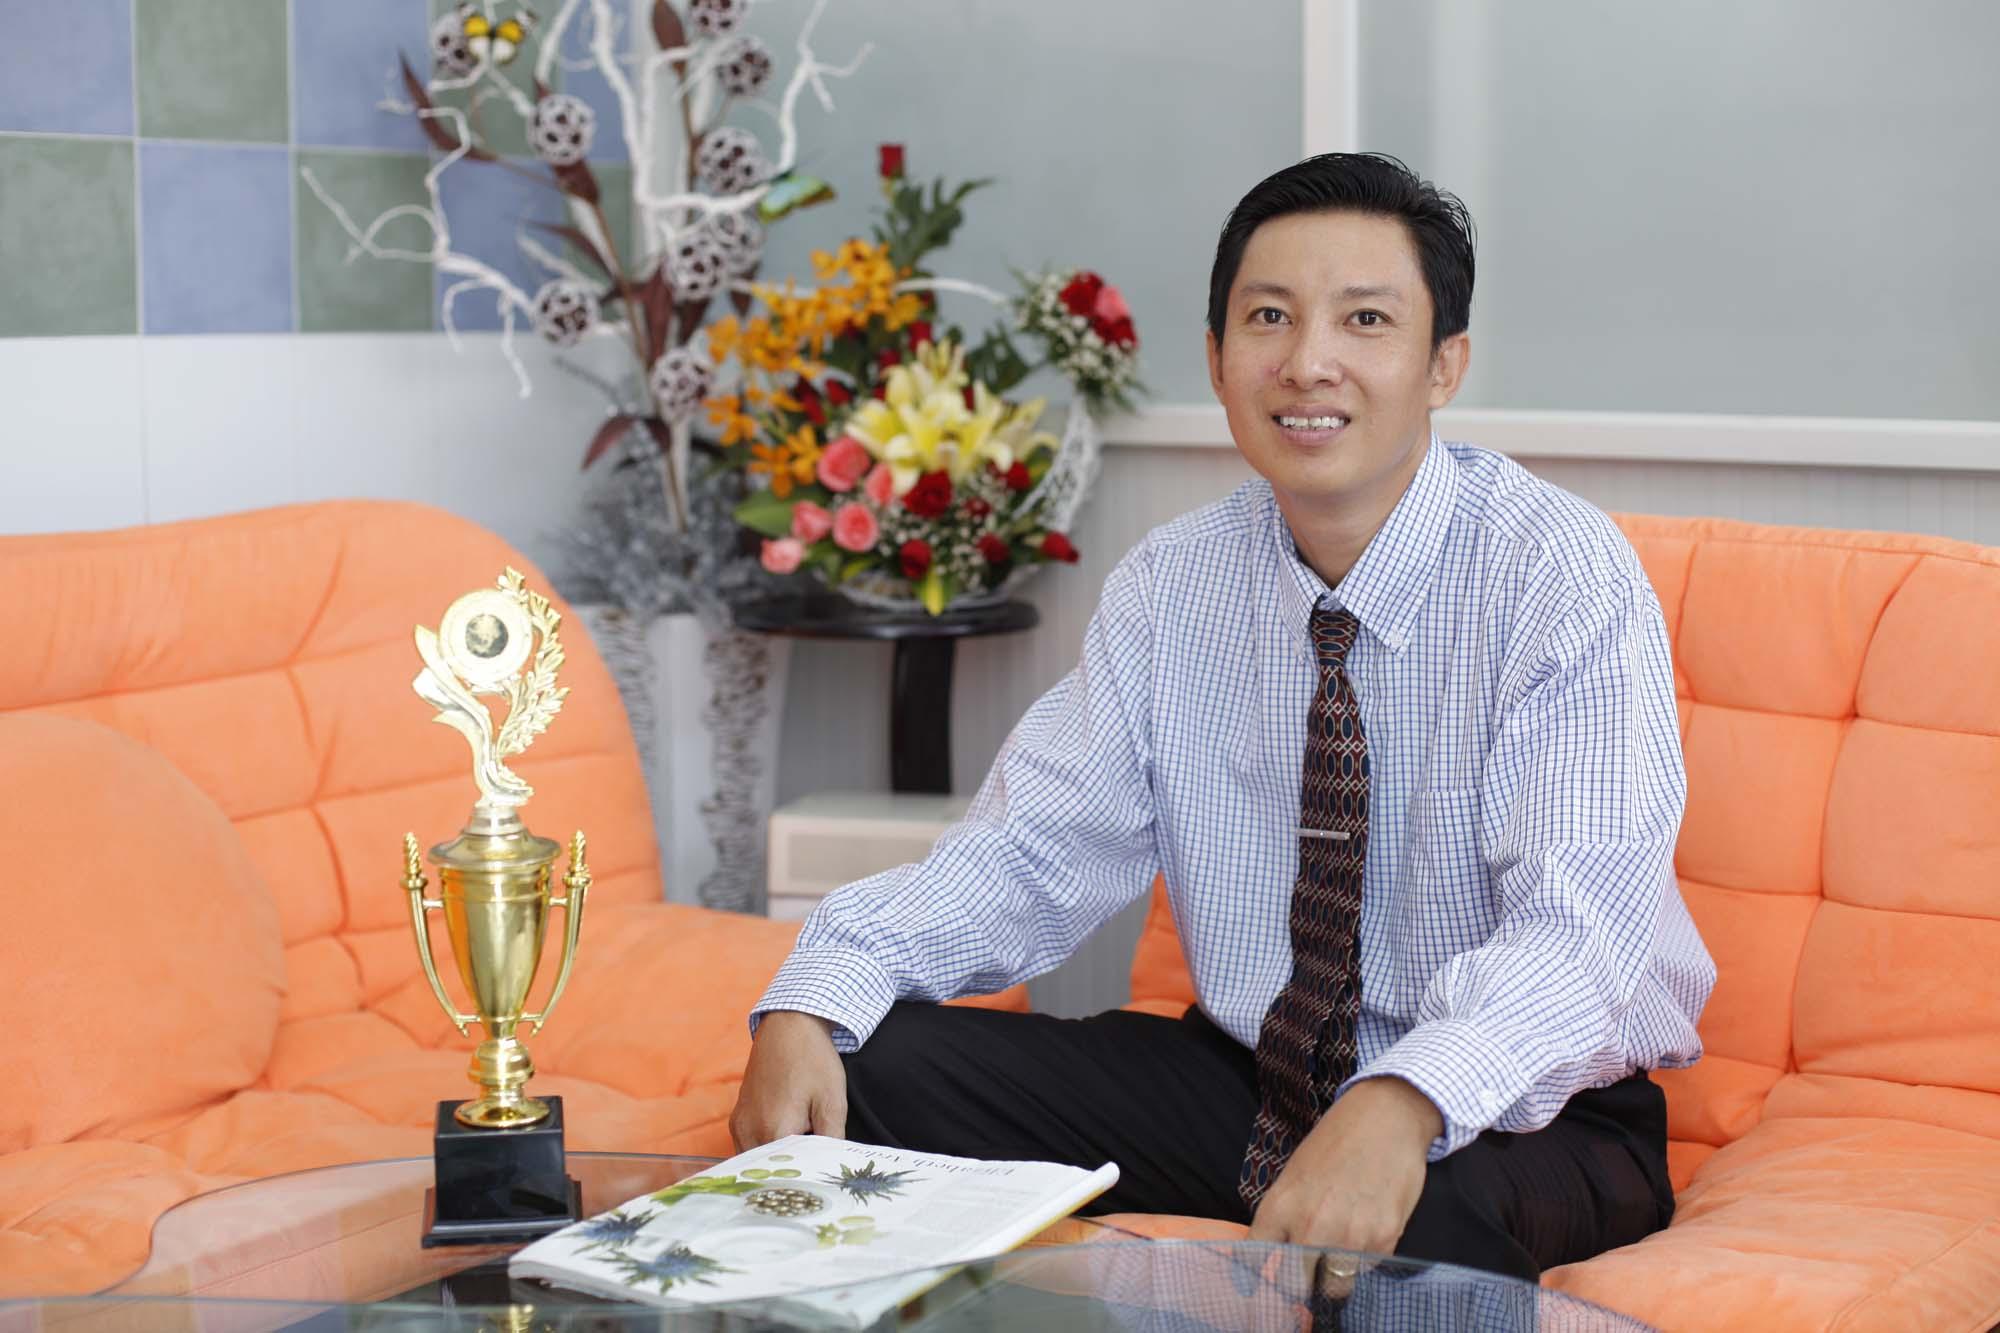 Bác Sỉ Trần Duy Hải Phụ Trách Phẩu Thuật Tại Minh Yến Spa